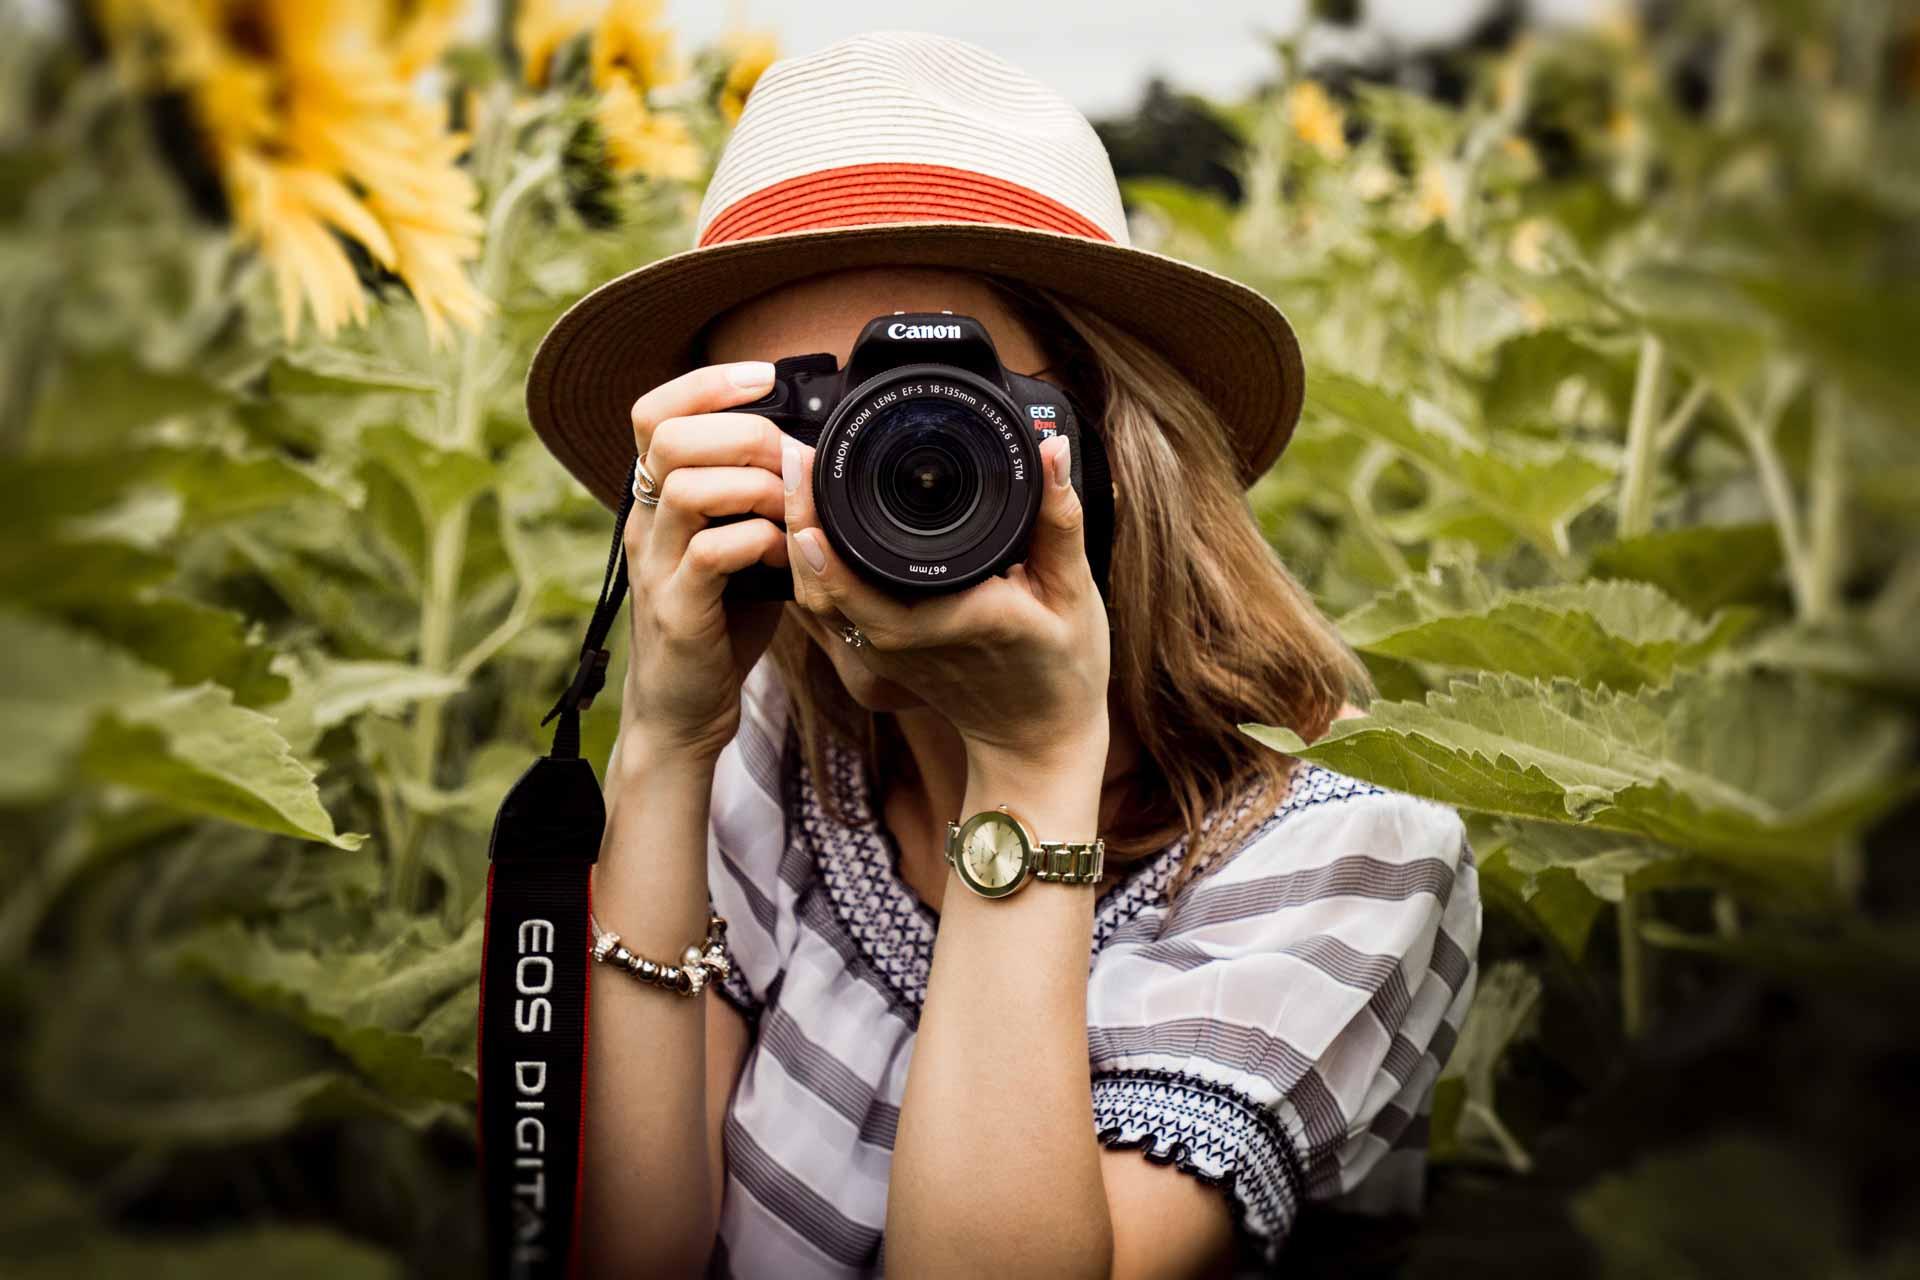 Houding tijdens fotograferen